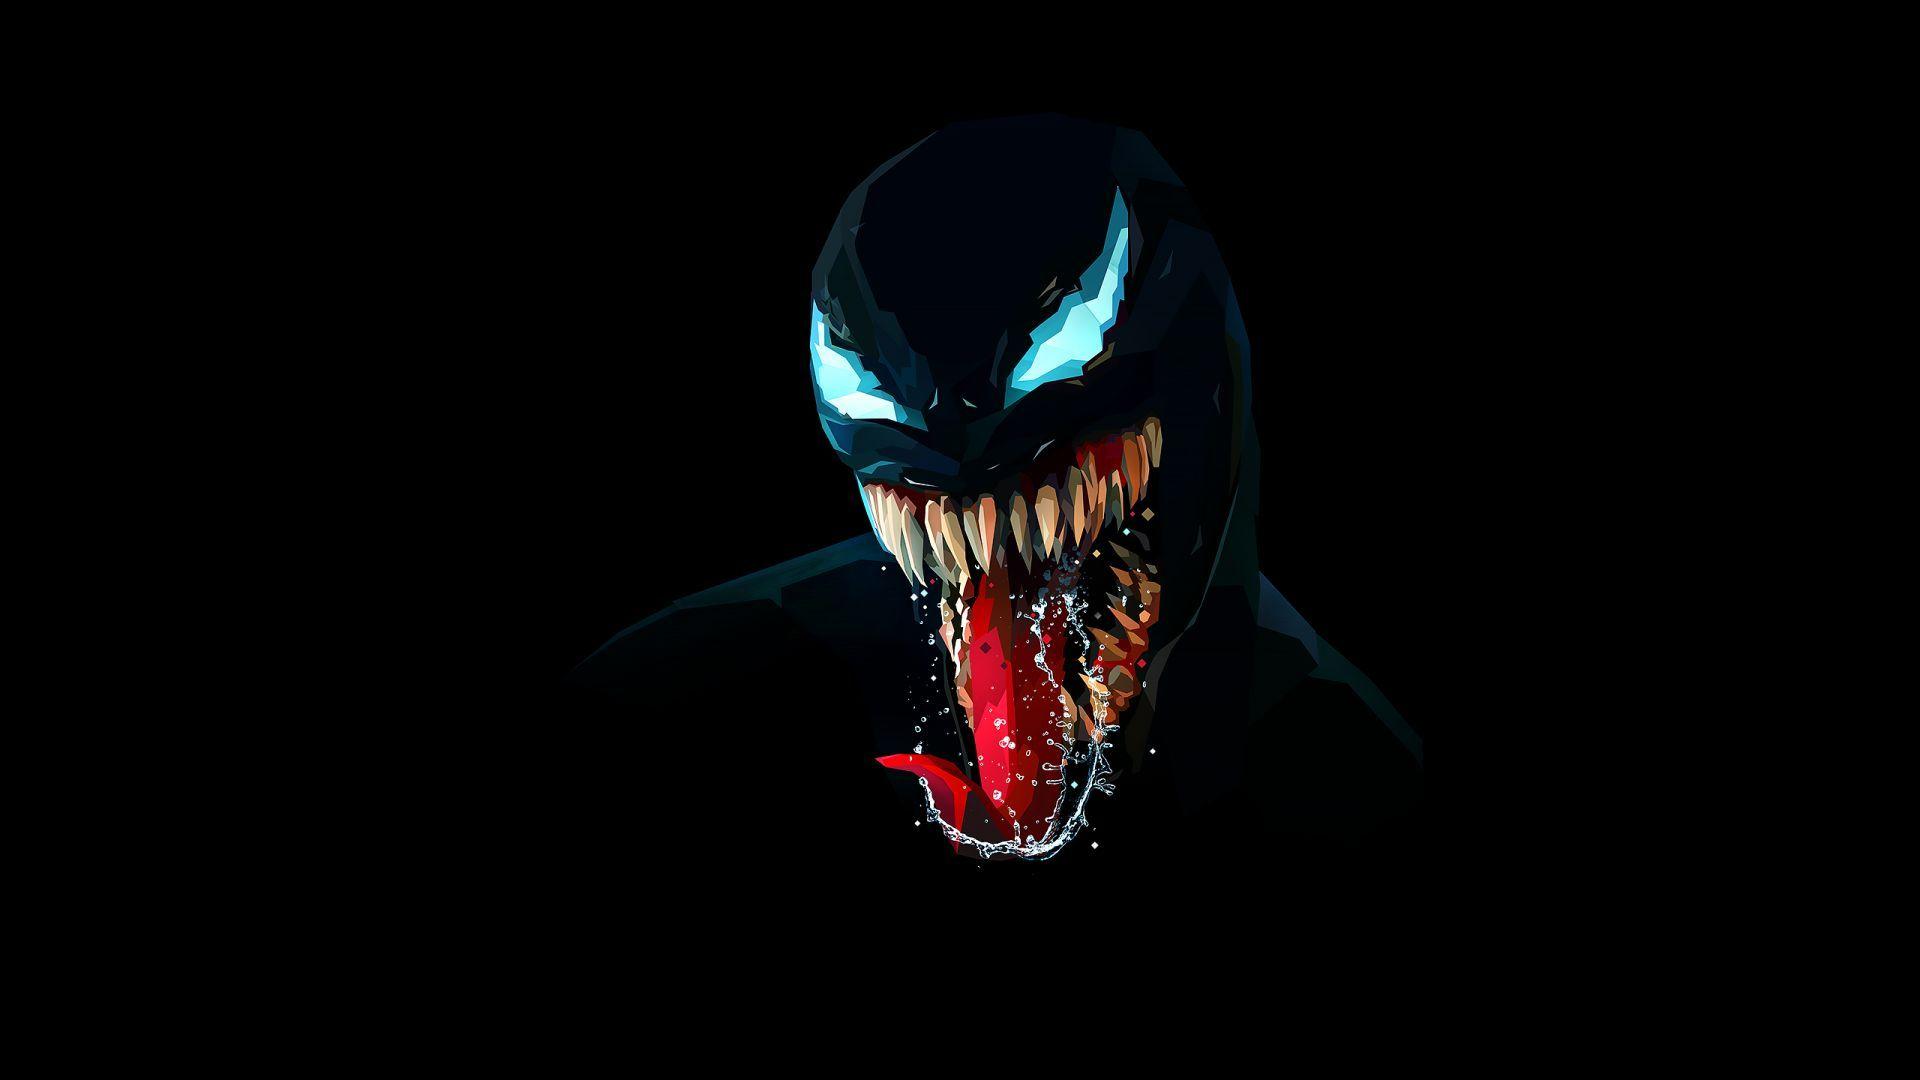 Download Wallpapers Of Venom Artwork Minimal Dark Background